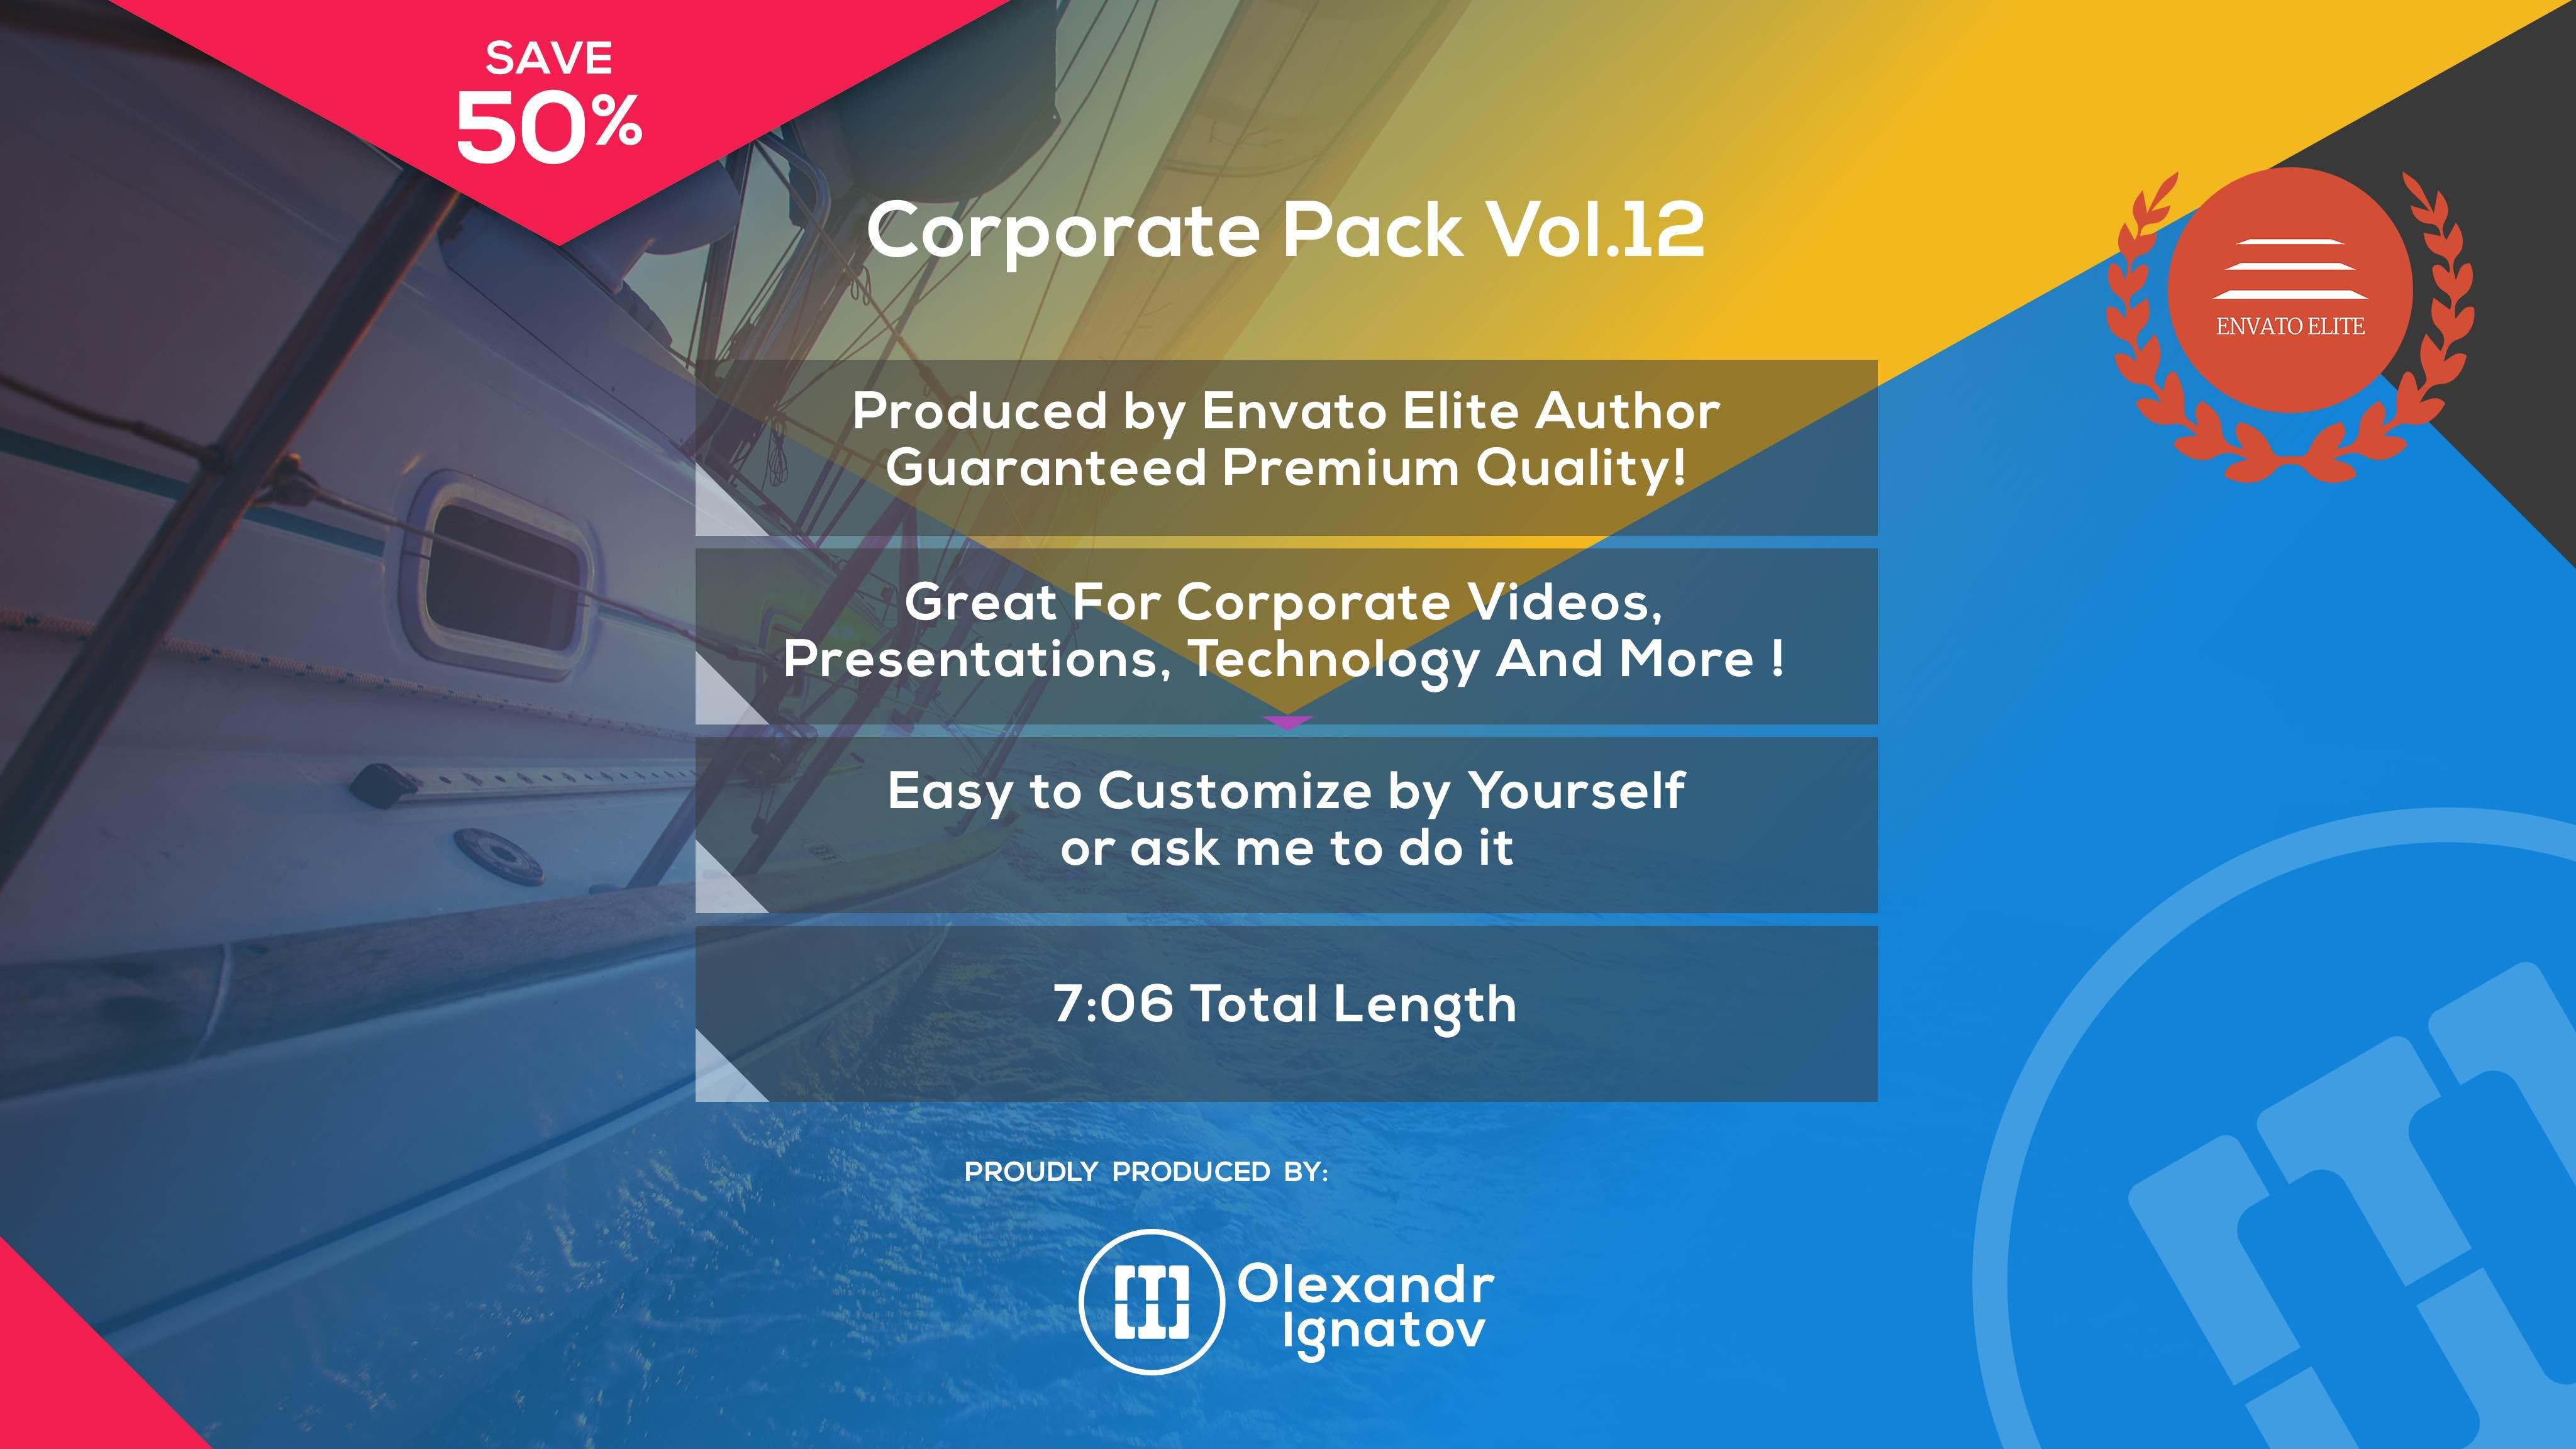 Corporate Pack Vol.12 - 2